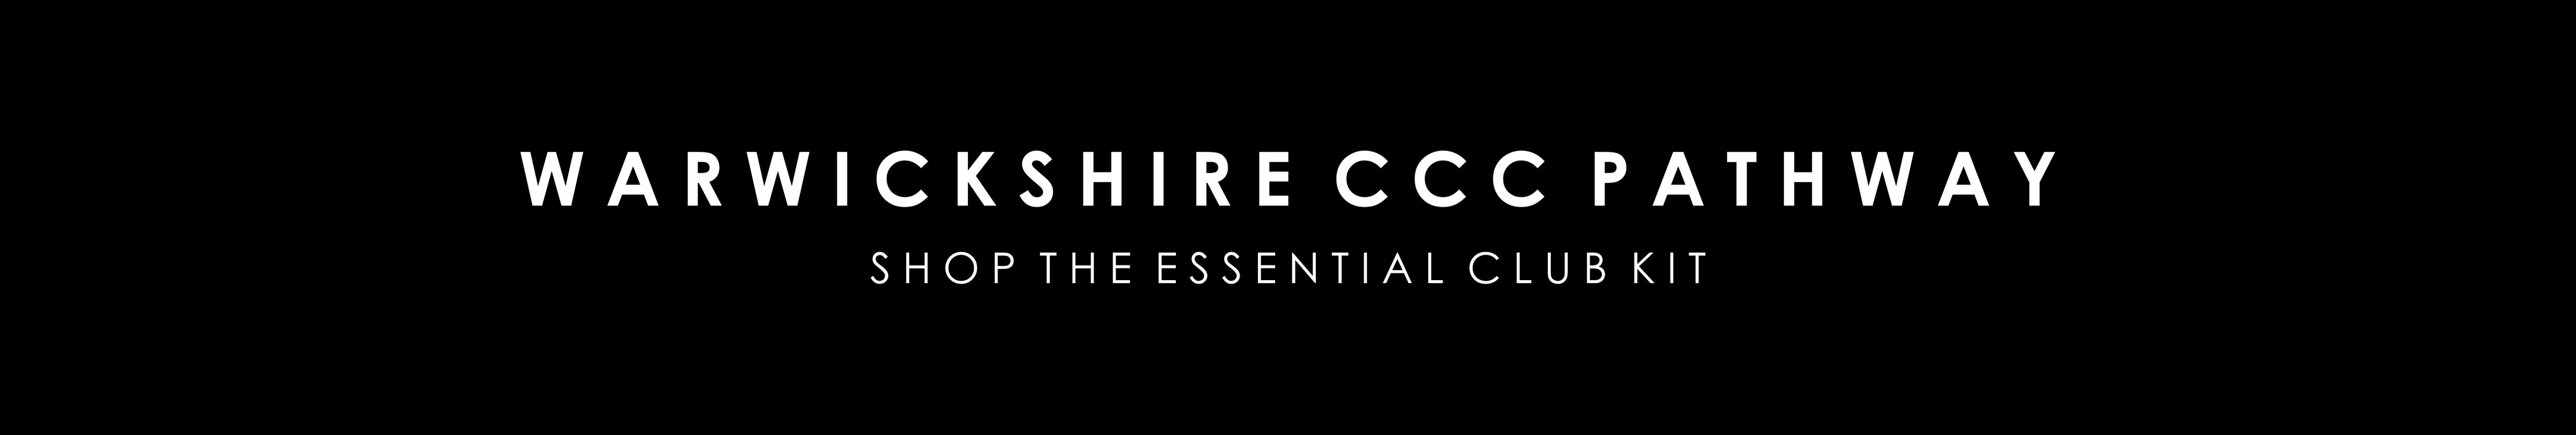 warwickshire-ccc-banner.jpg